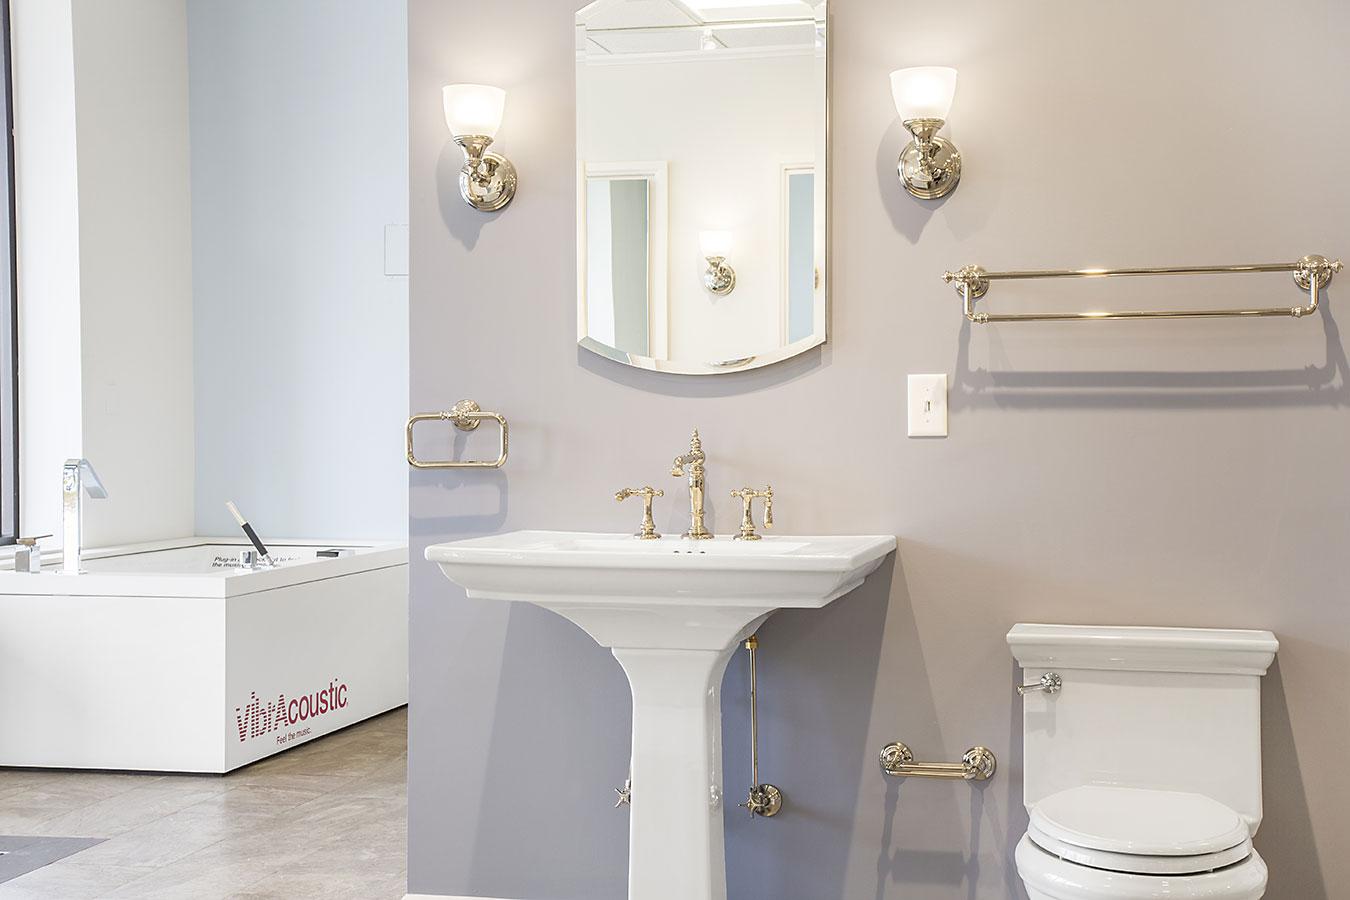 Showroom gallery kitchen bath showroom accessories for Bathroom accessories showroom